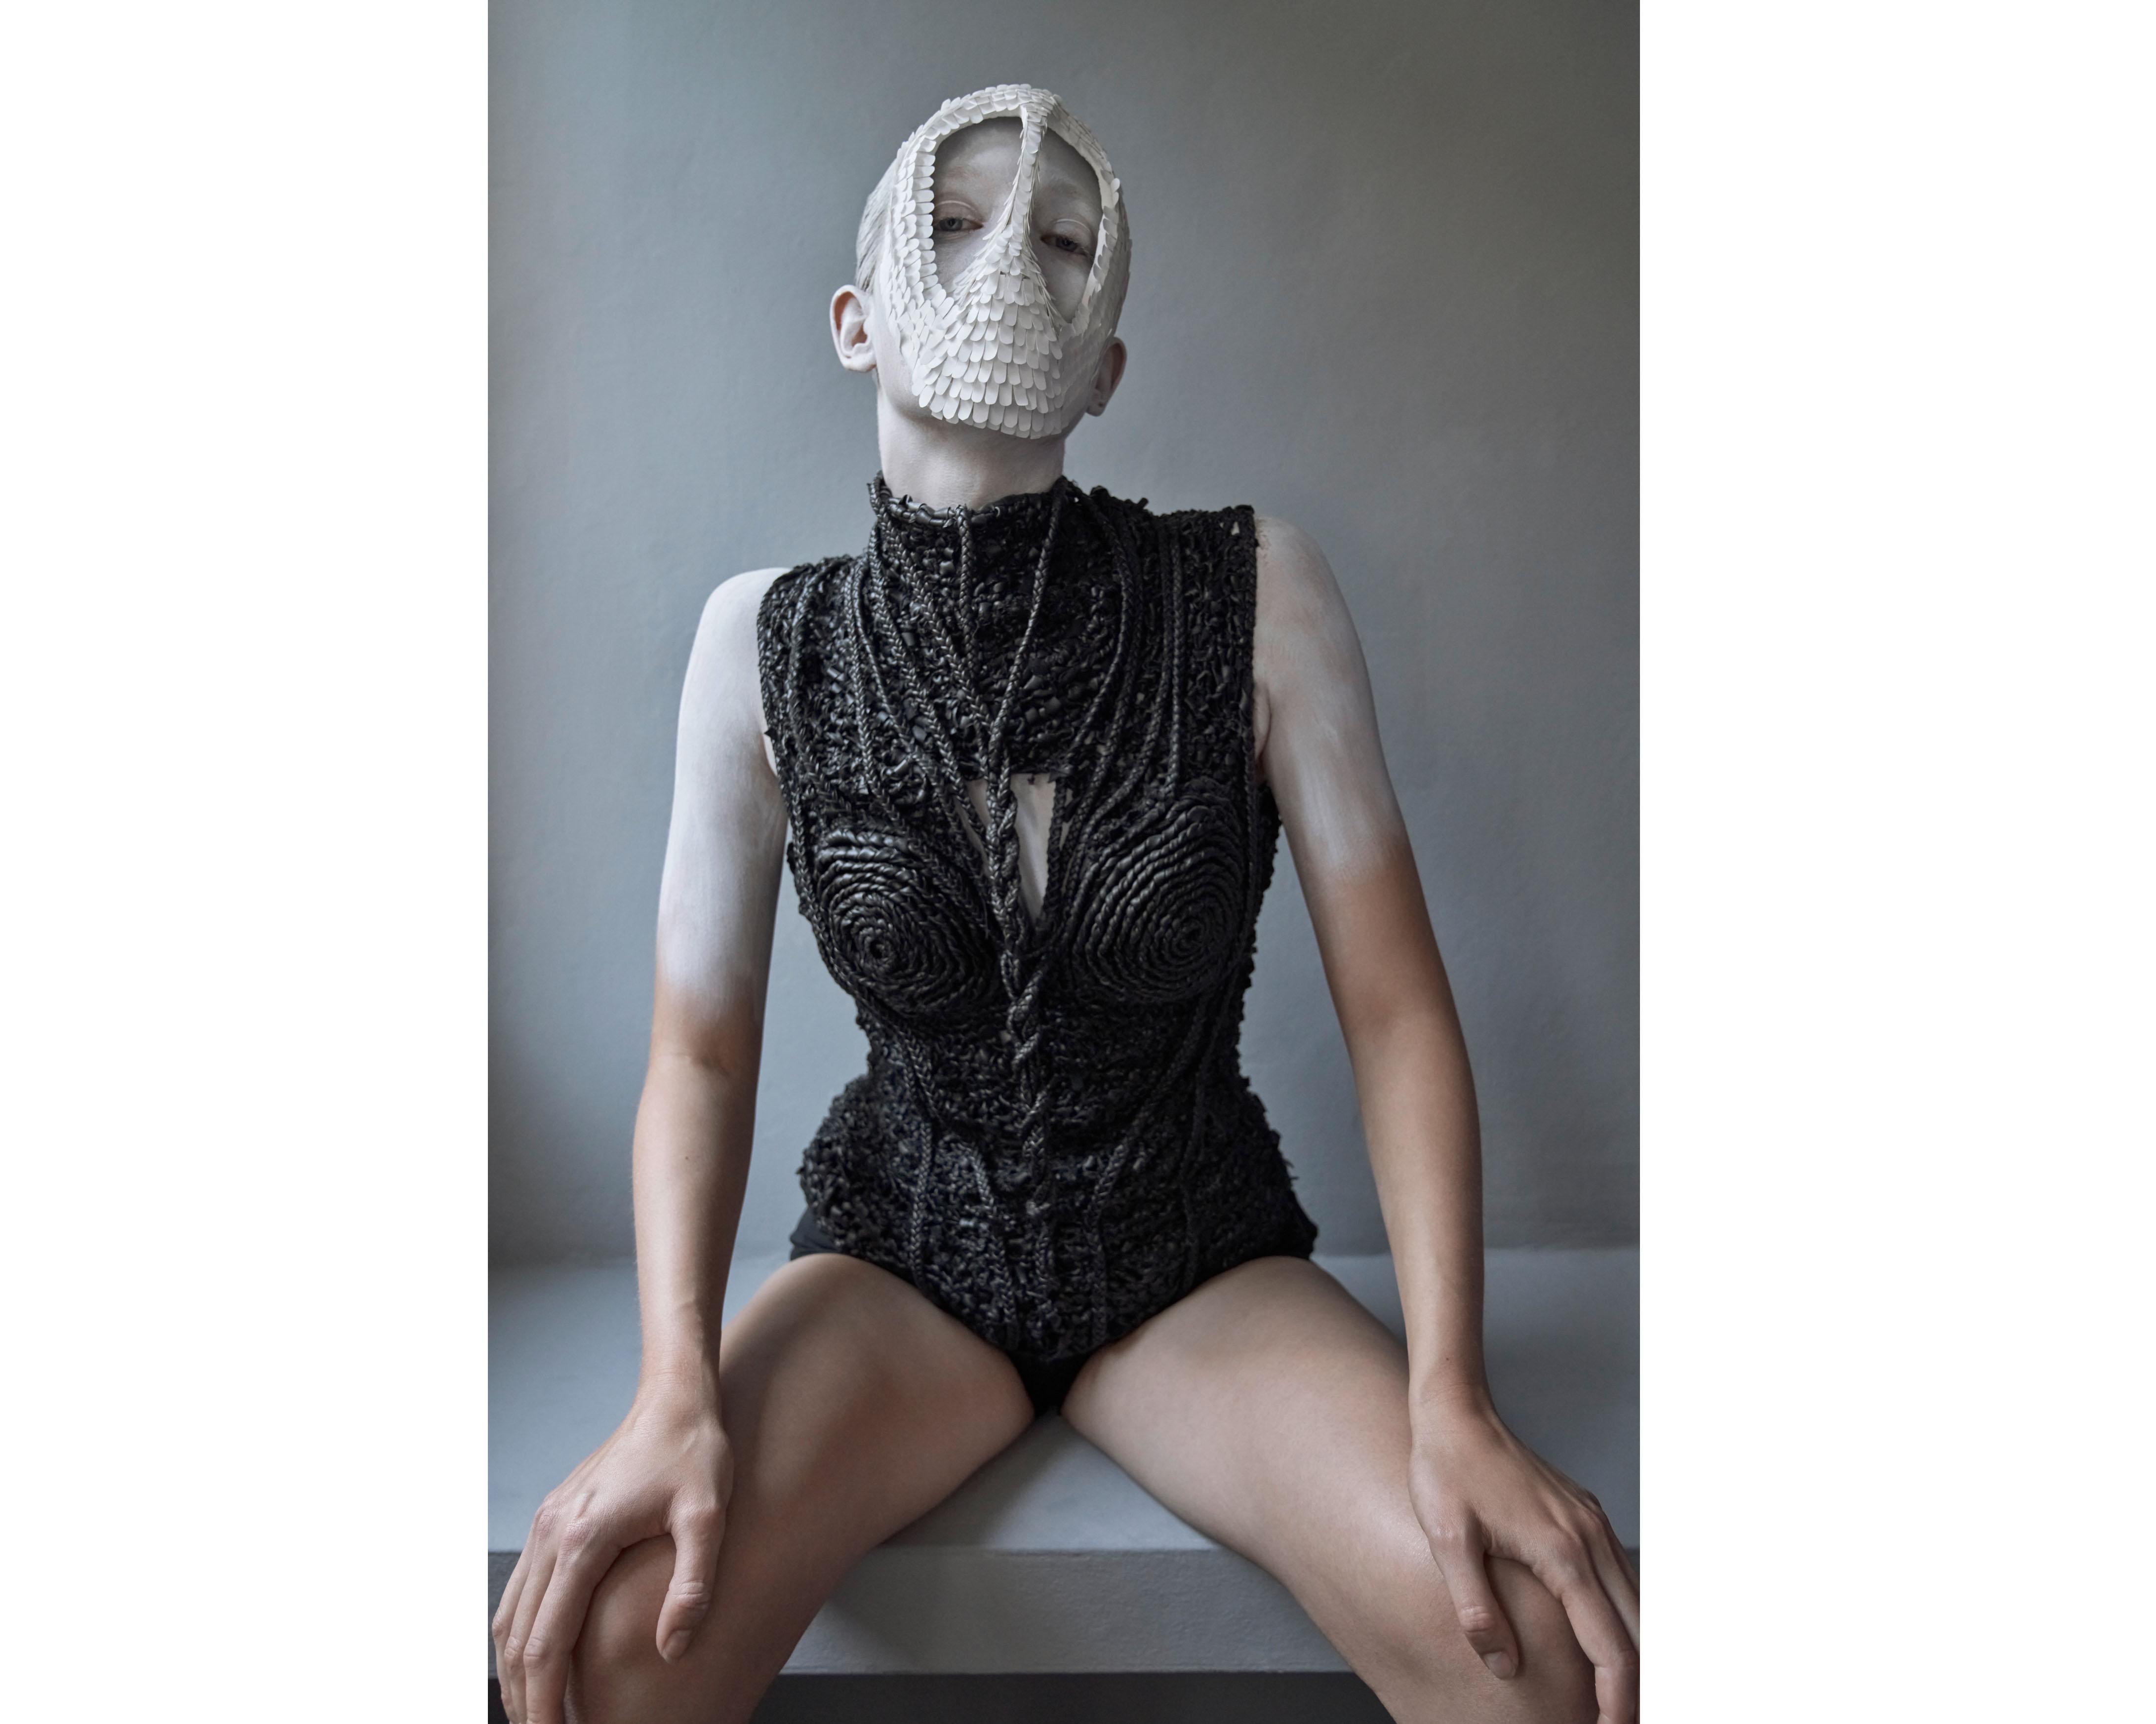 model: marie louwes @marie.louwes c/o @megamodelagency mask + body by lara packheiser @larapackheiser styling by irina skladkowski @skladkowski foto by thomas rusch @thomasrusch #20mask20